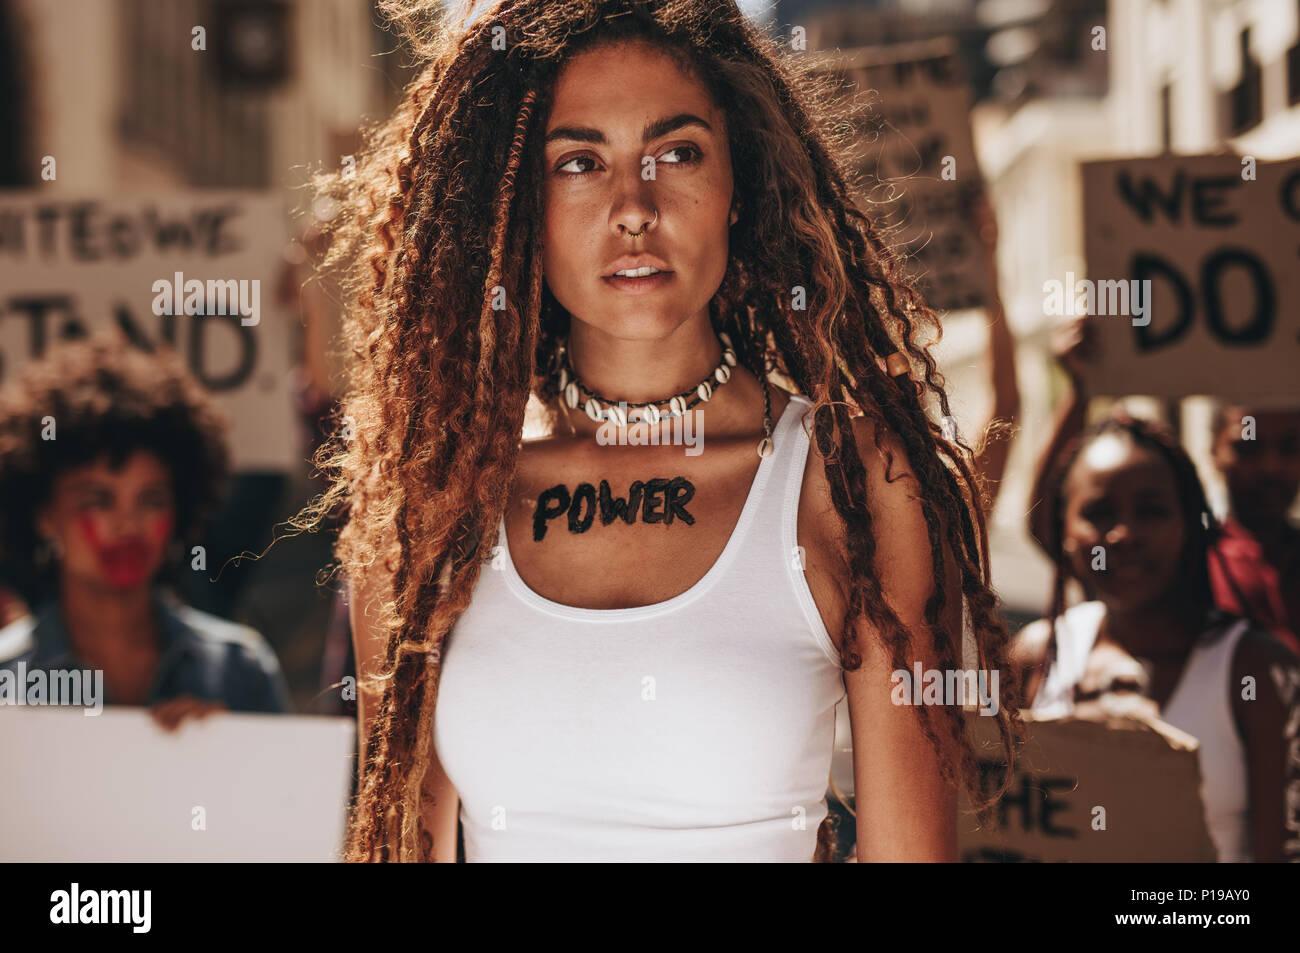 Jeune femme debout à l'extérieur avec groupe de militants en arrière-plan. Femme avec puissance de mot écrit sur sa poitrine et à la voiture. Photo Stock